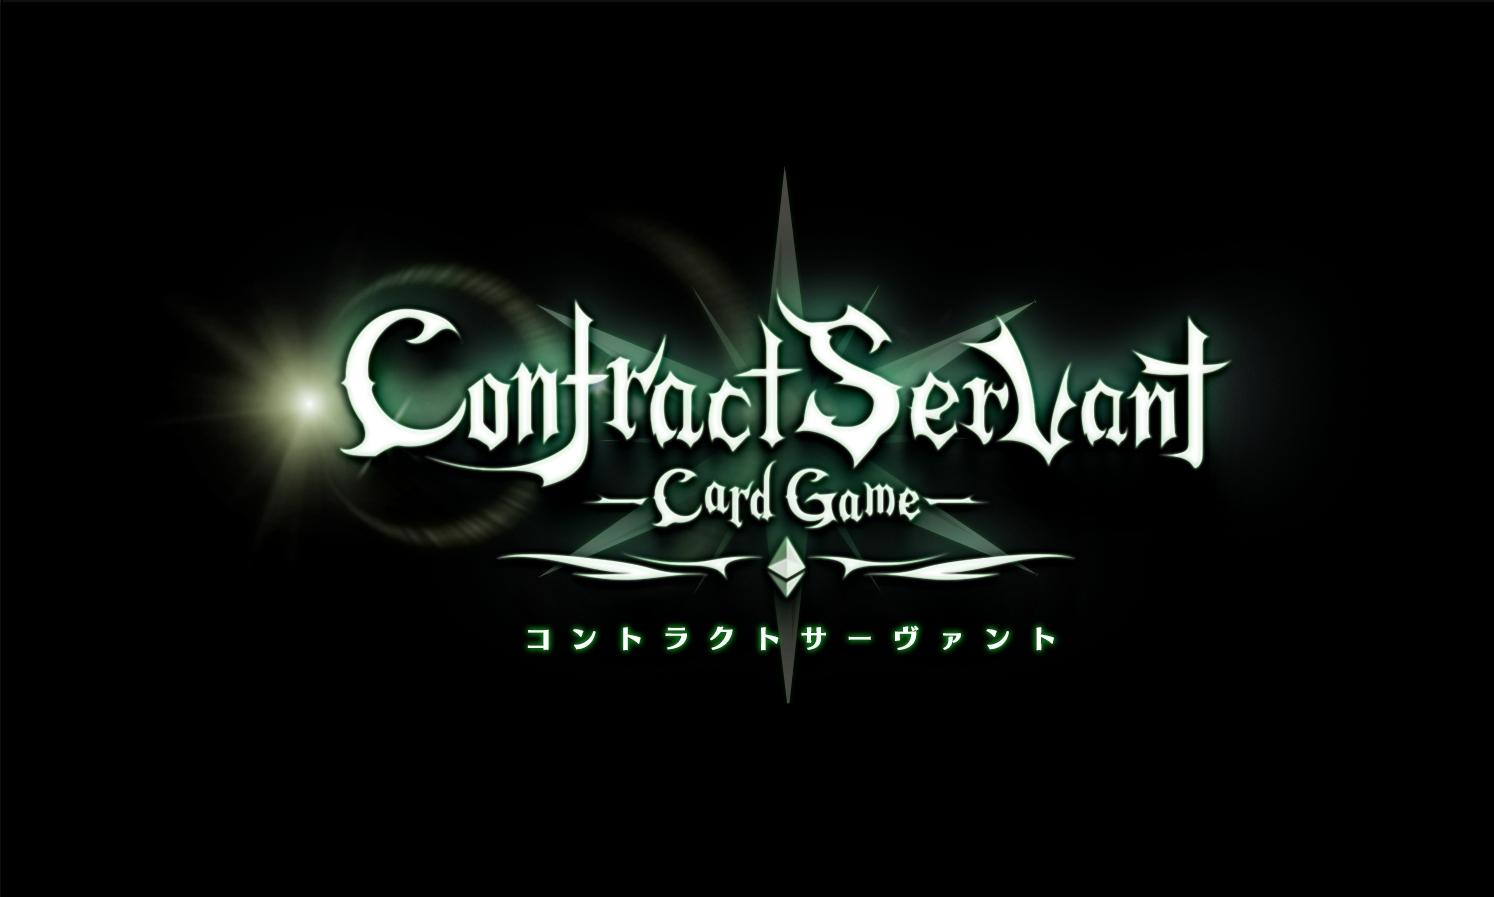 仮想通貨でプレイヤー間のカード取引ができるTCG『コントラクトサーヴァント  CARD GAME 』が発表!